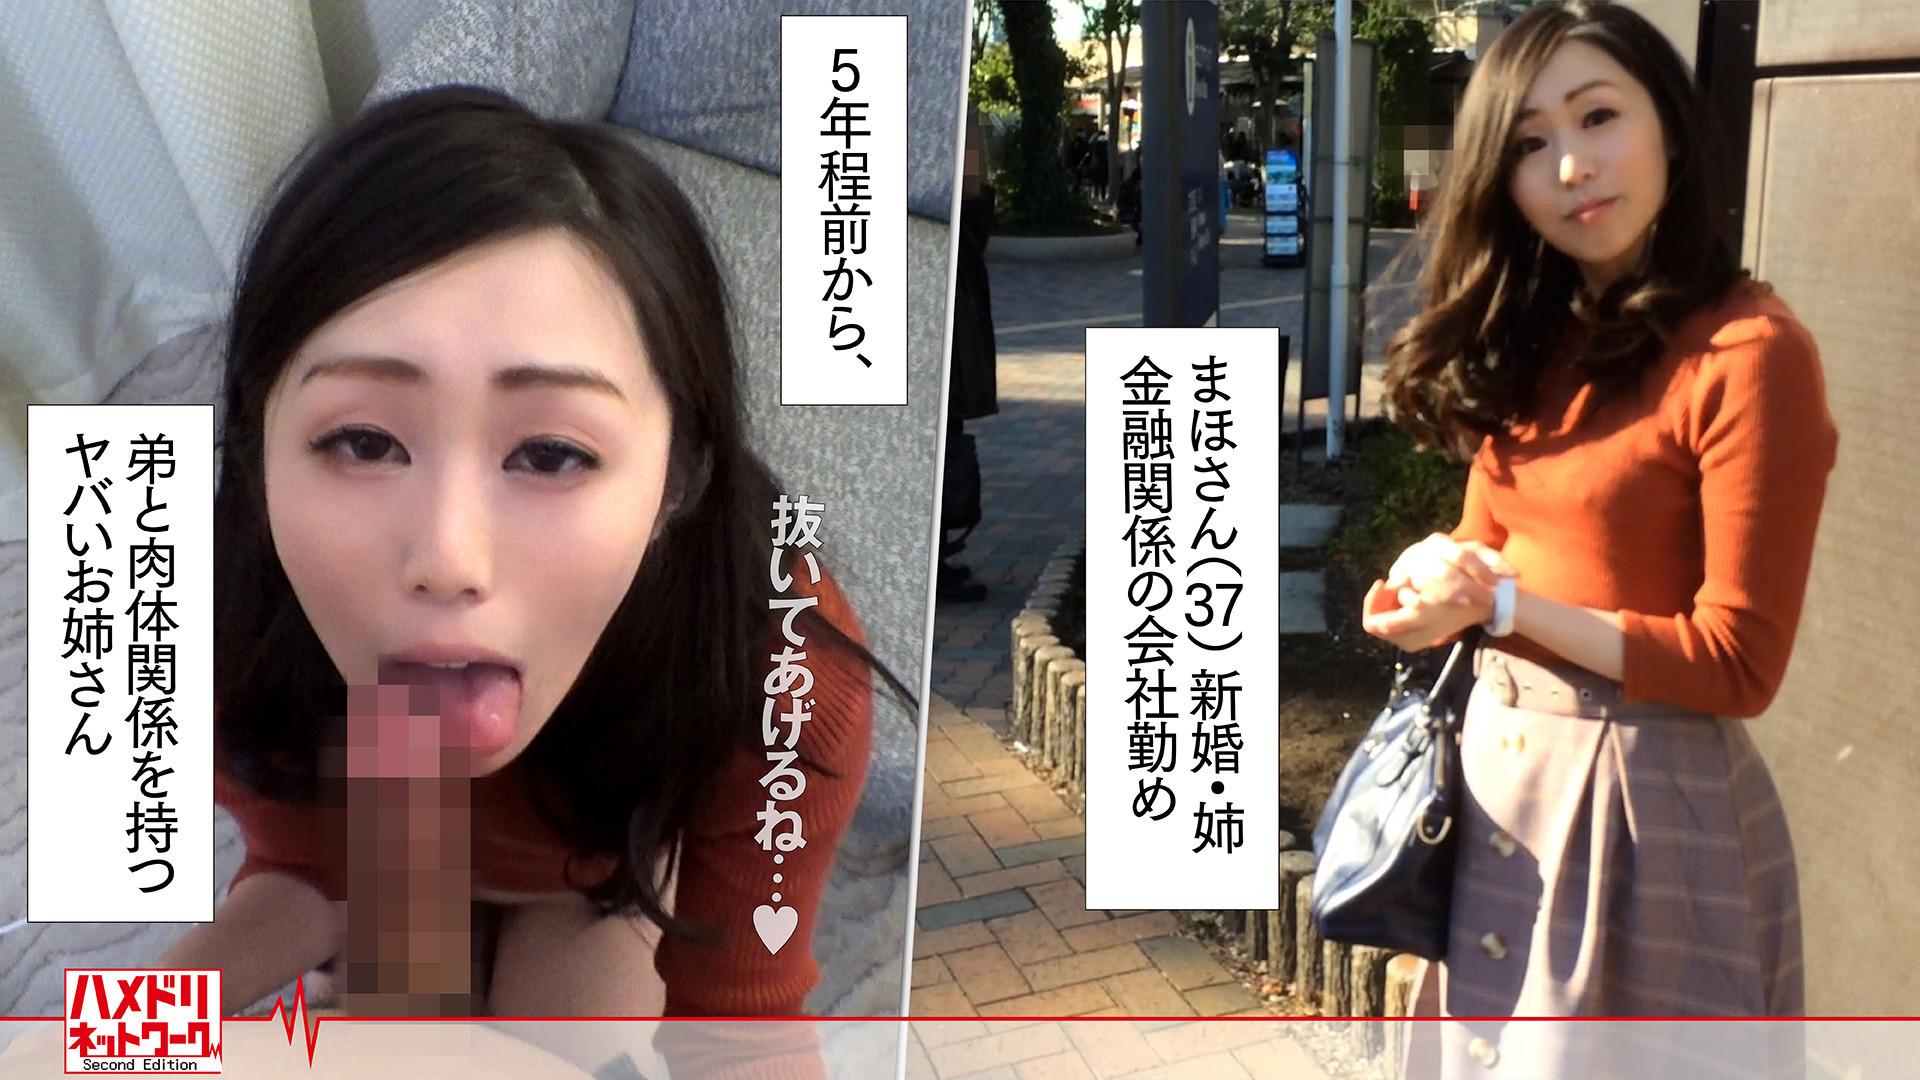 【ソクミル独占配信】弟と交わる禁断の姉 Mさん(37) 画像1